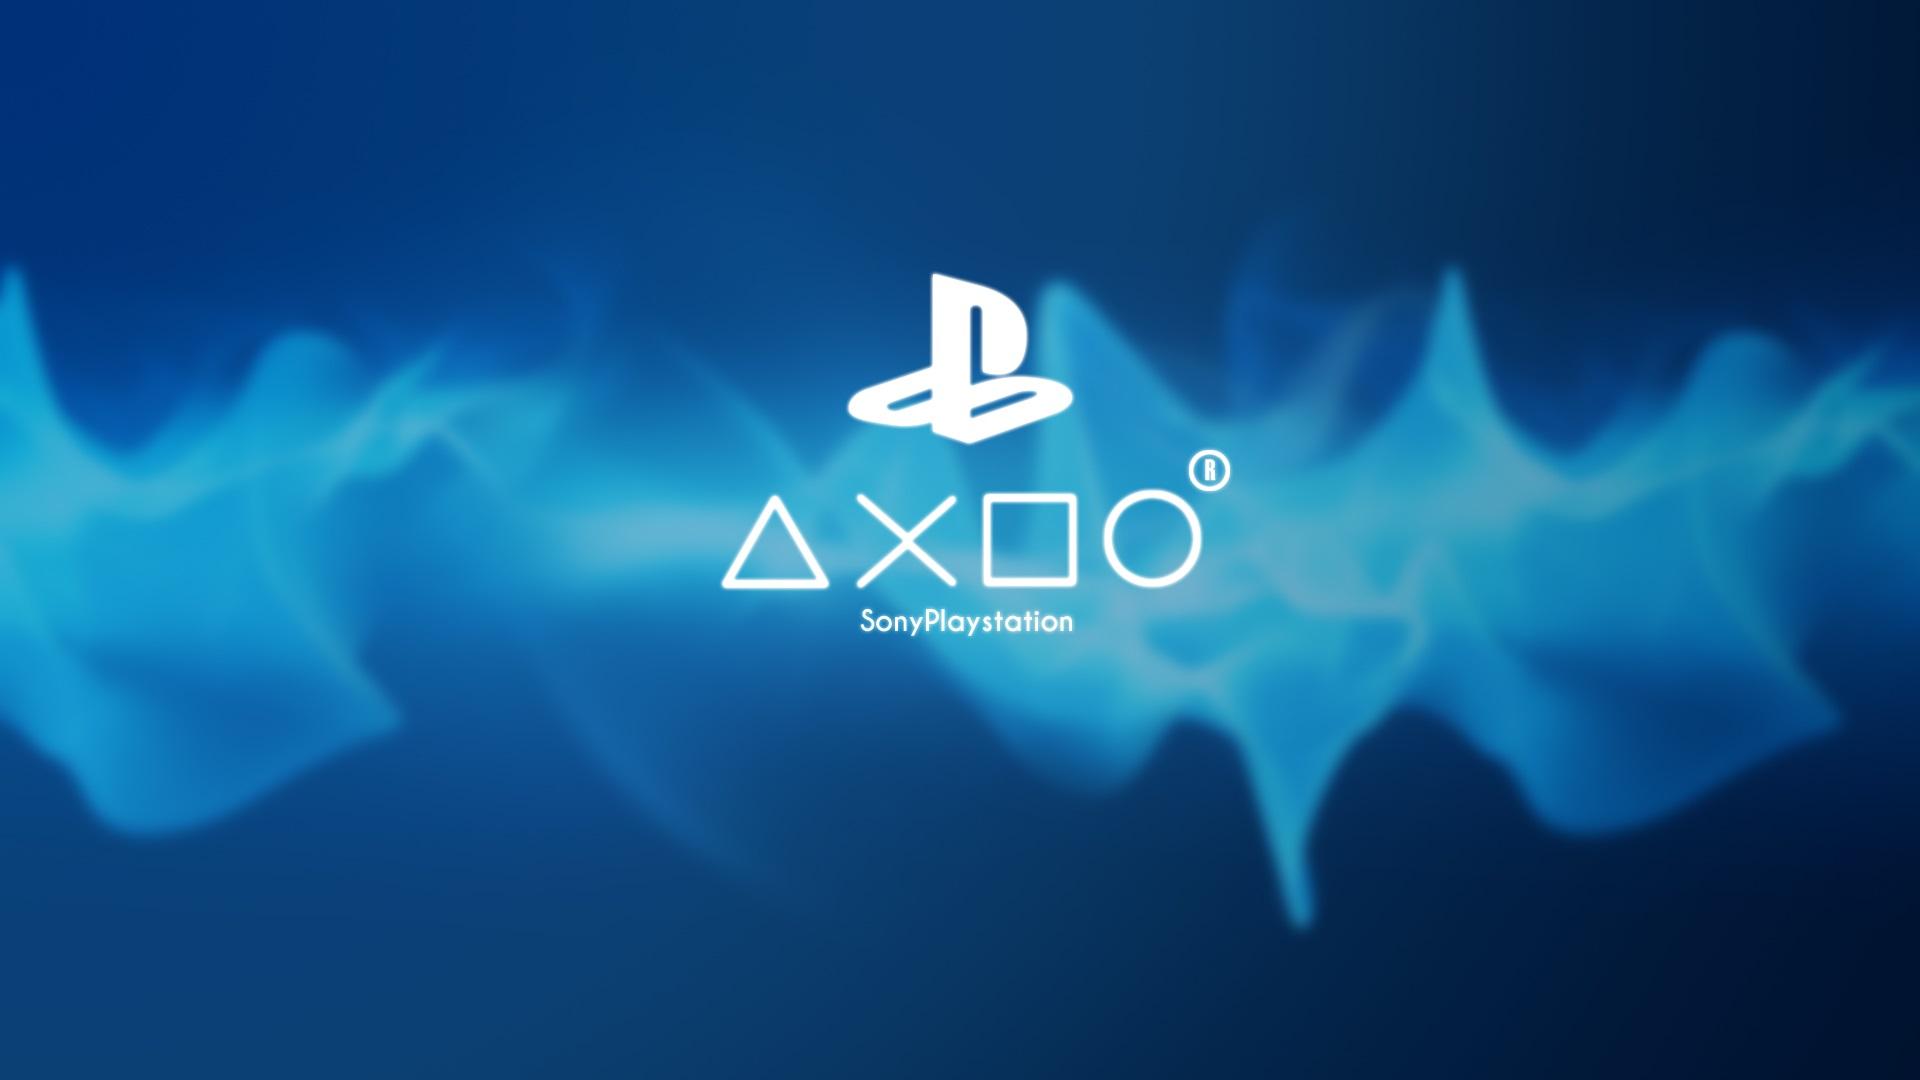 壁紙 ソニーのプレイステーションのゲームのロゴ、青の背景